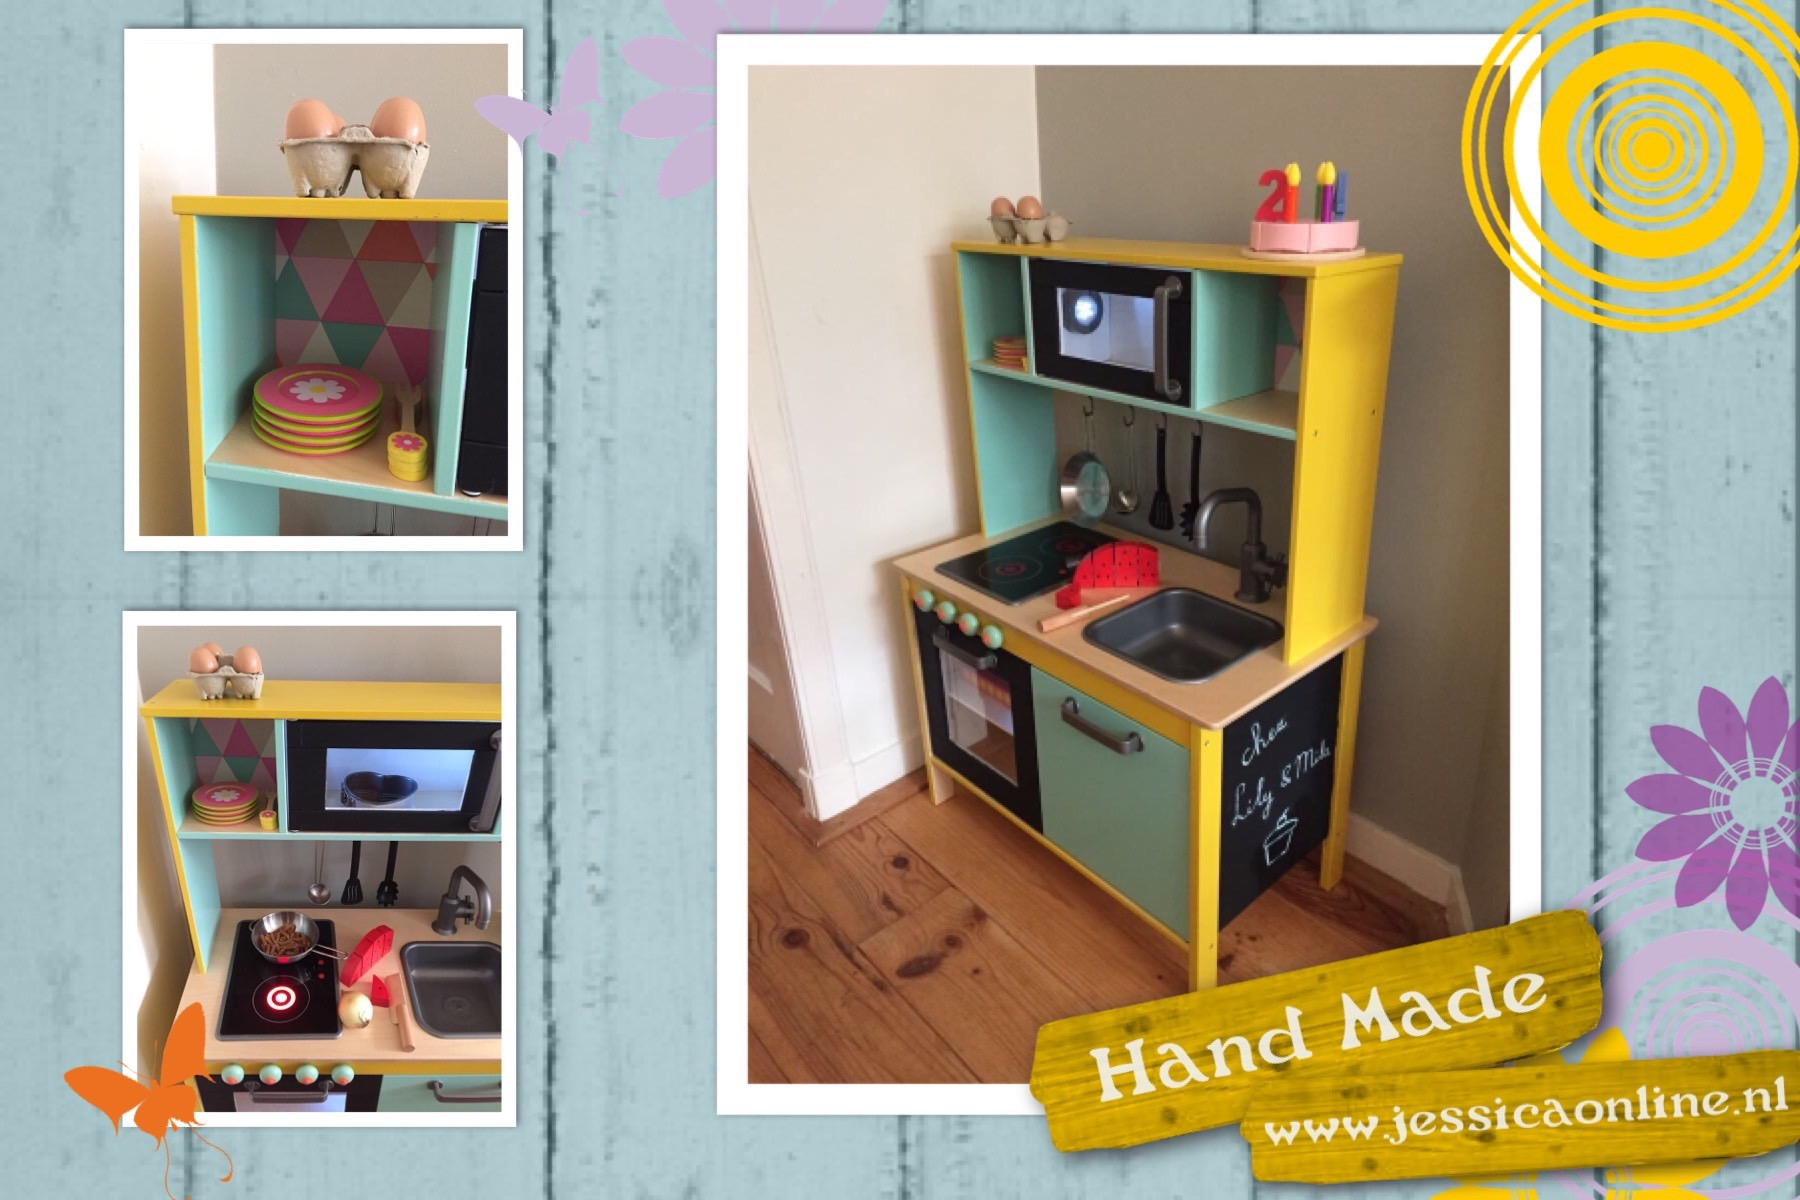 Keuken Speelgoed Ikea : Ikea speelgoed keuken pimpen u informatie over de keuken